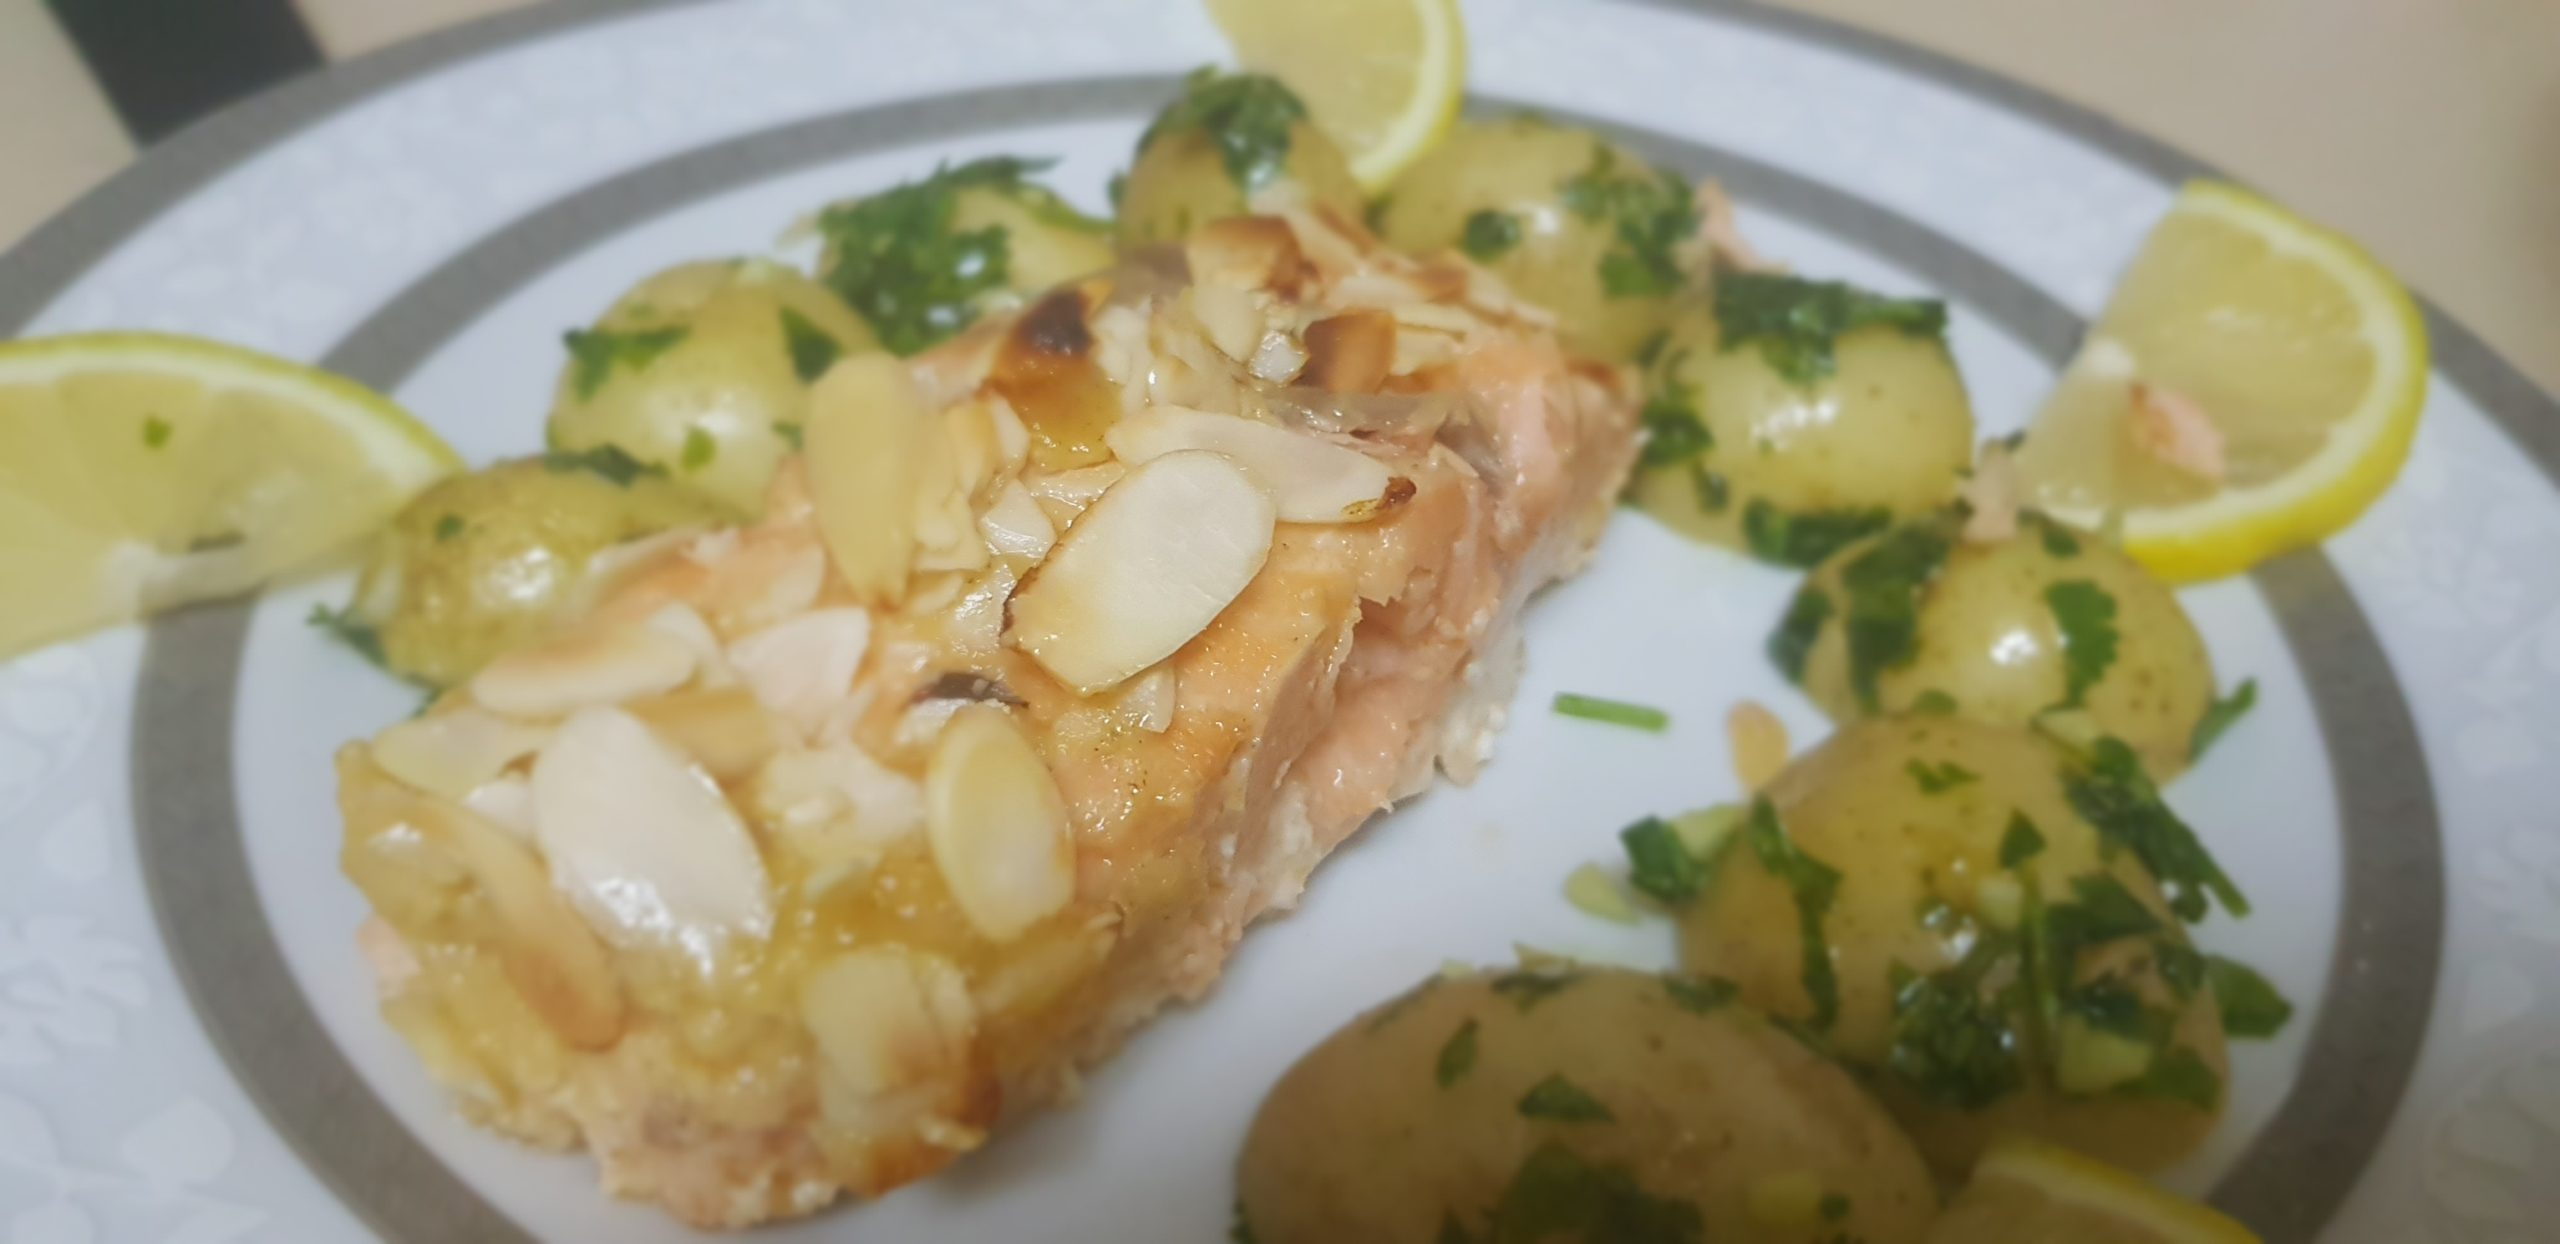 Filet de saumon enrobé d'amande, moutarde et miel